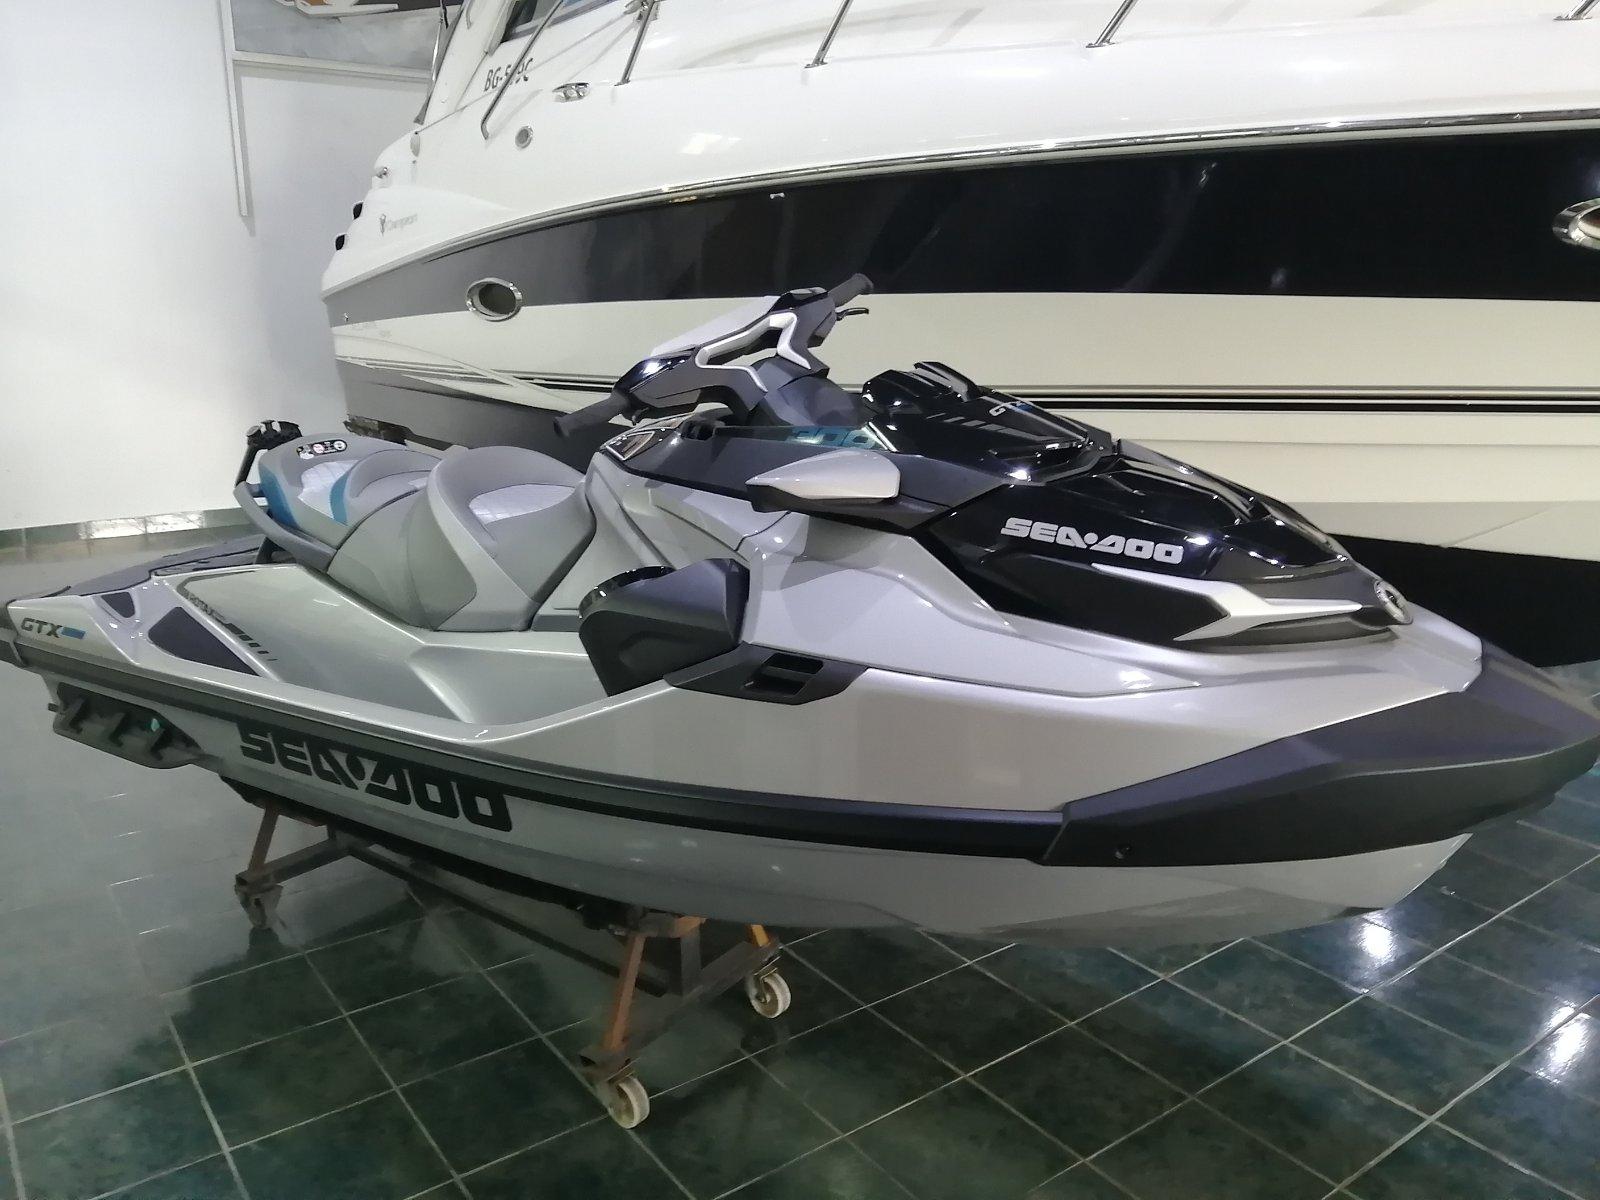 GTX 300 Ltd (8)